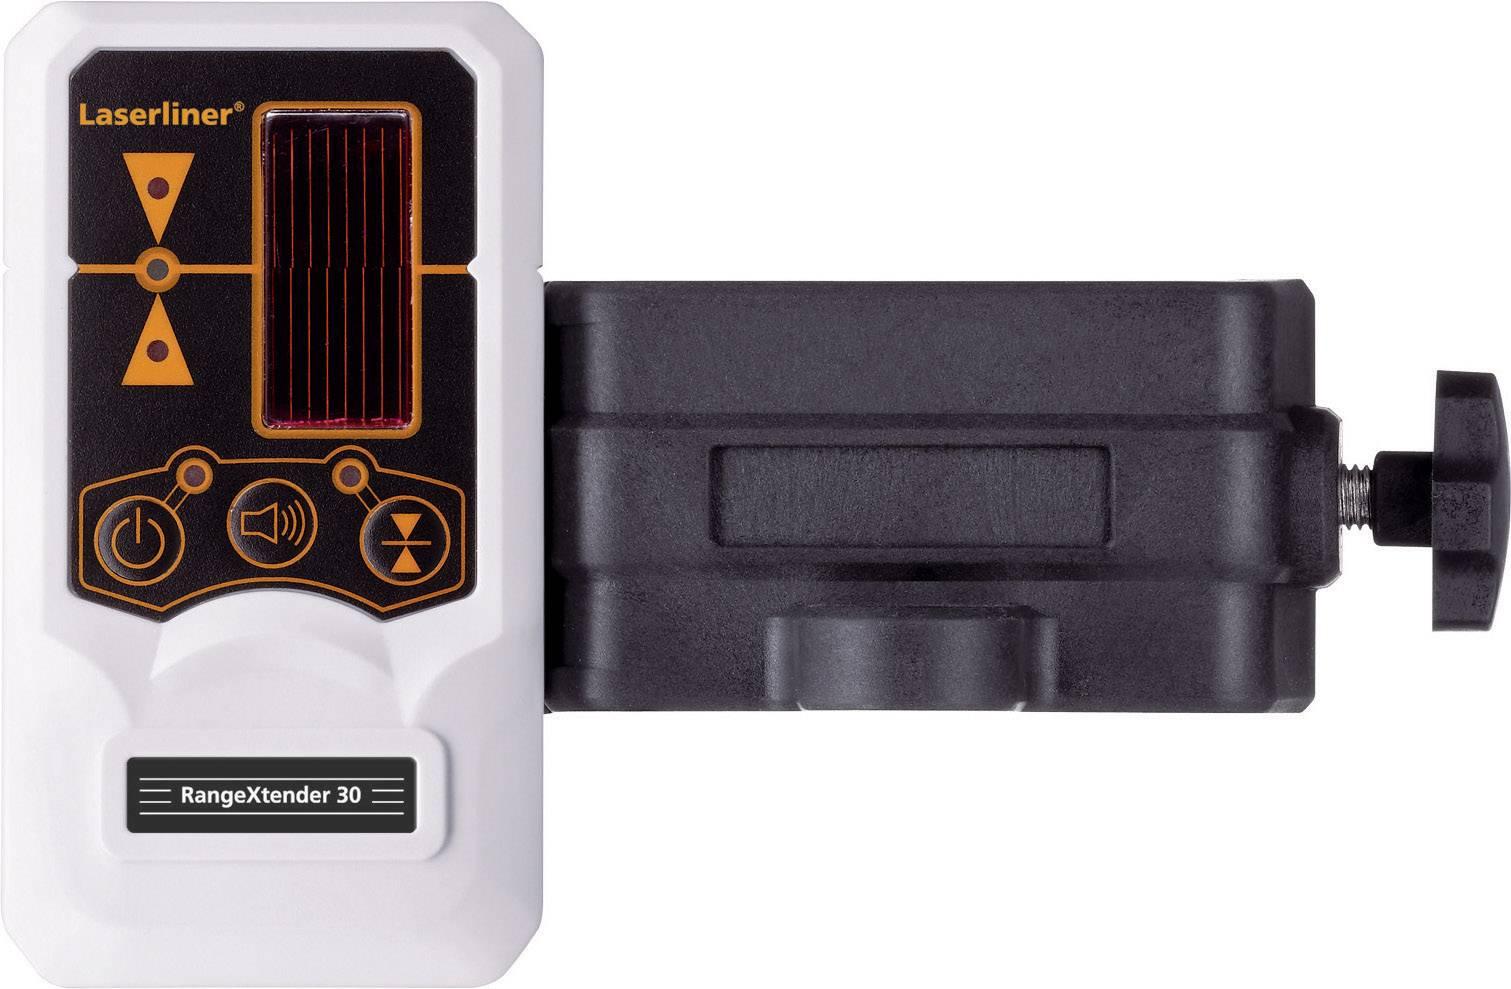 Ruční laserový přijímač Laserliner 033.25A